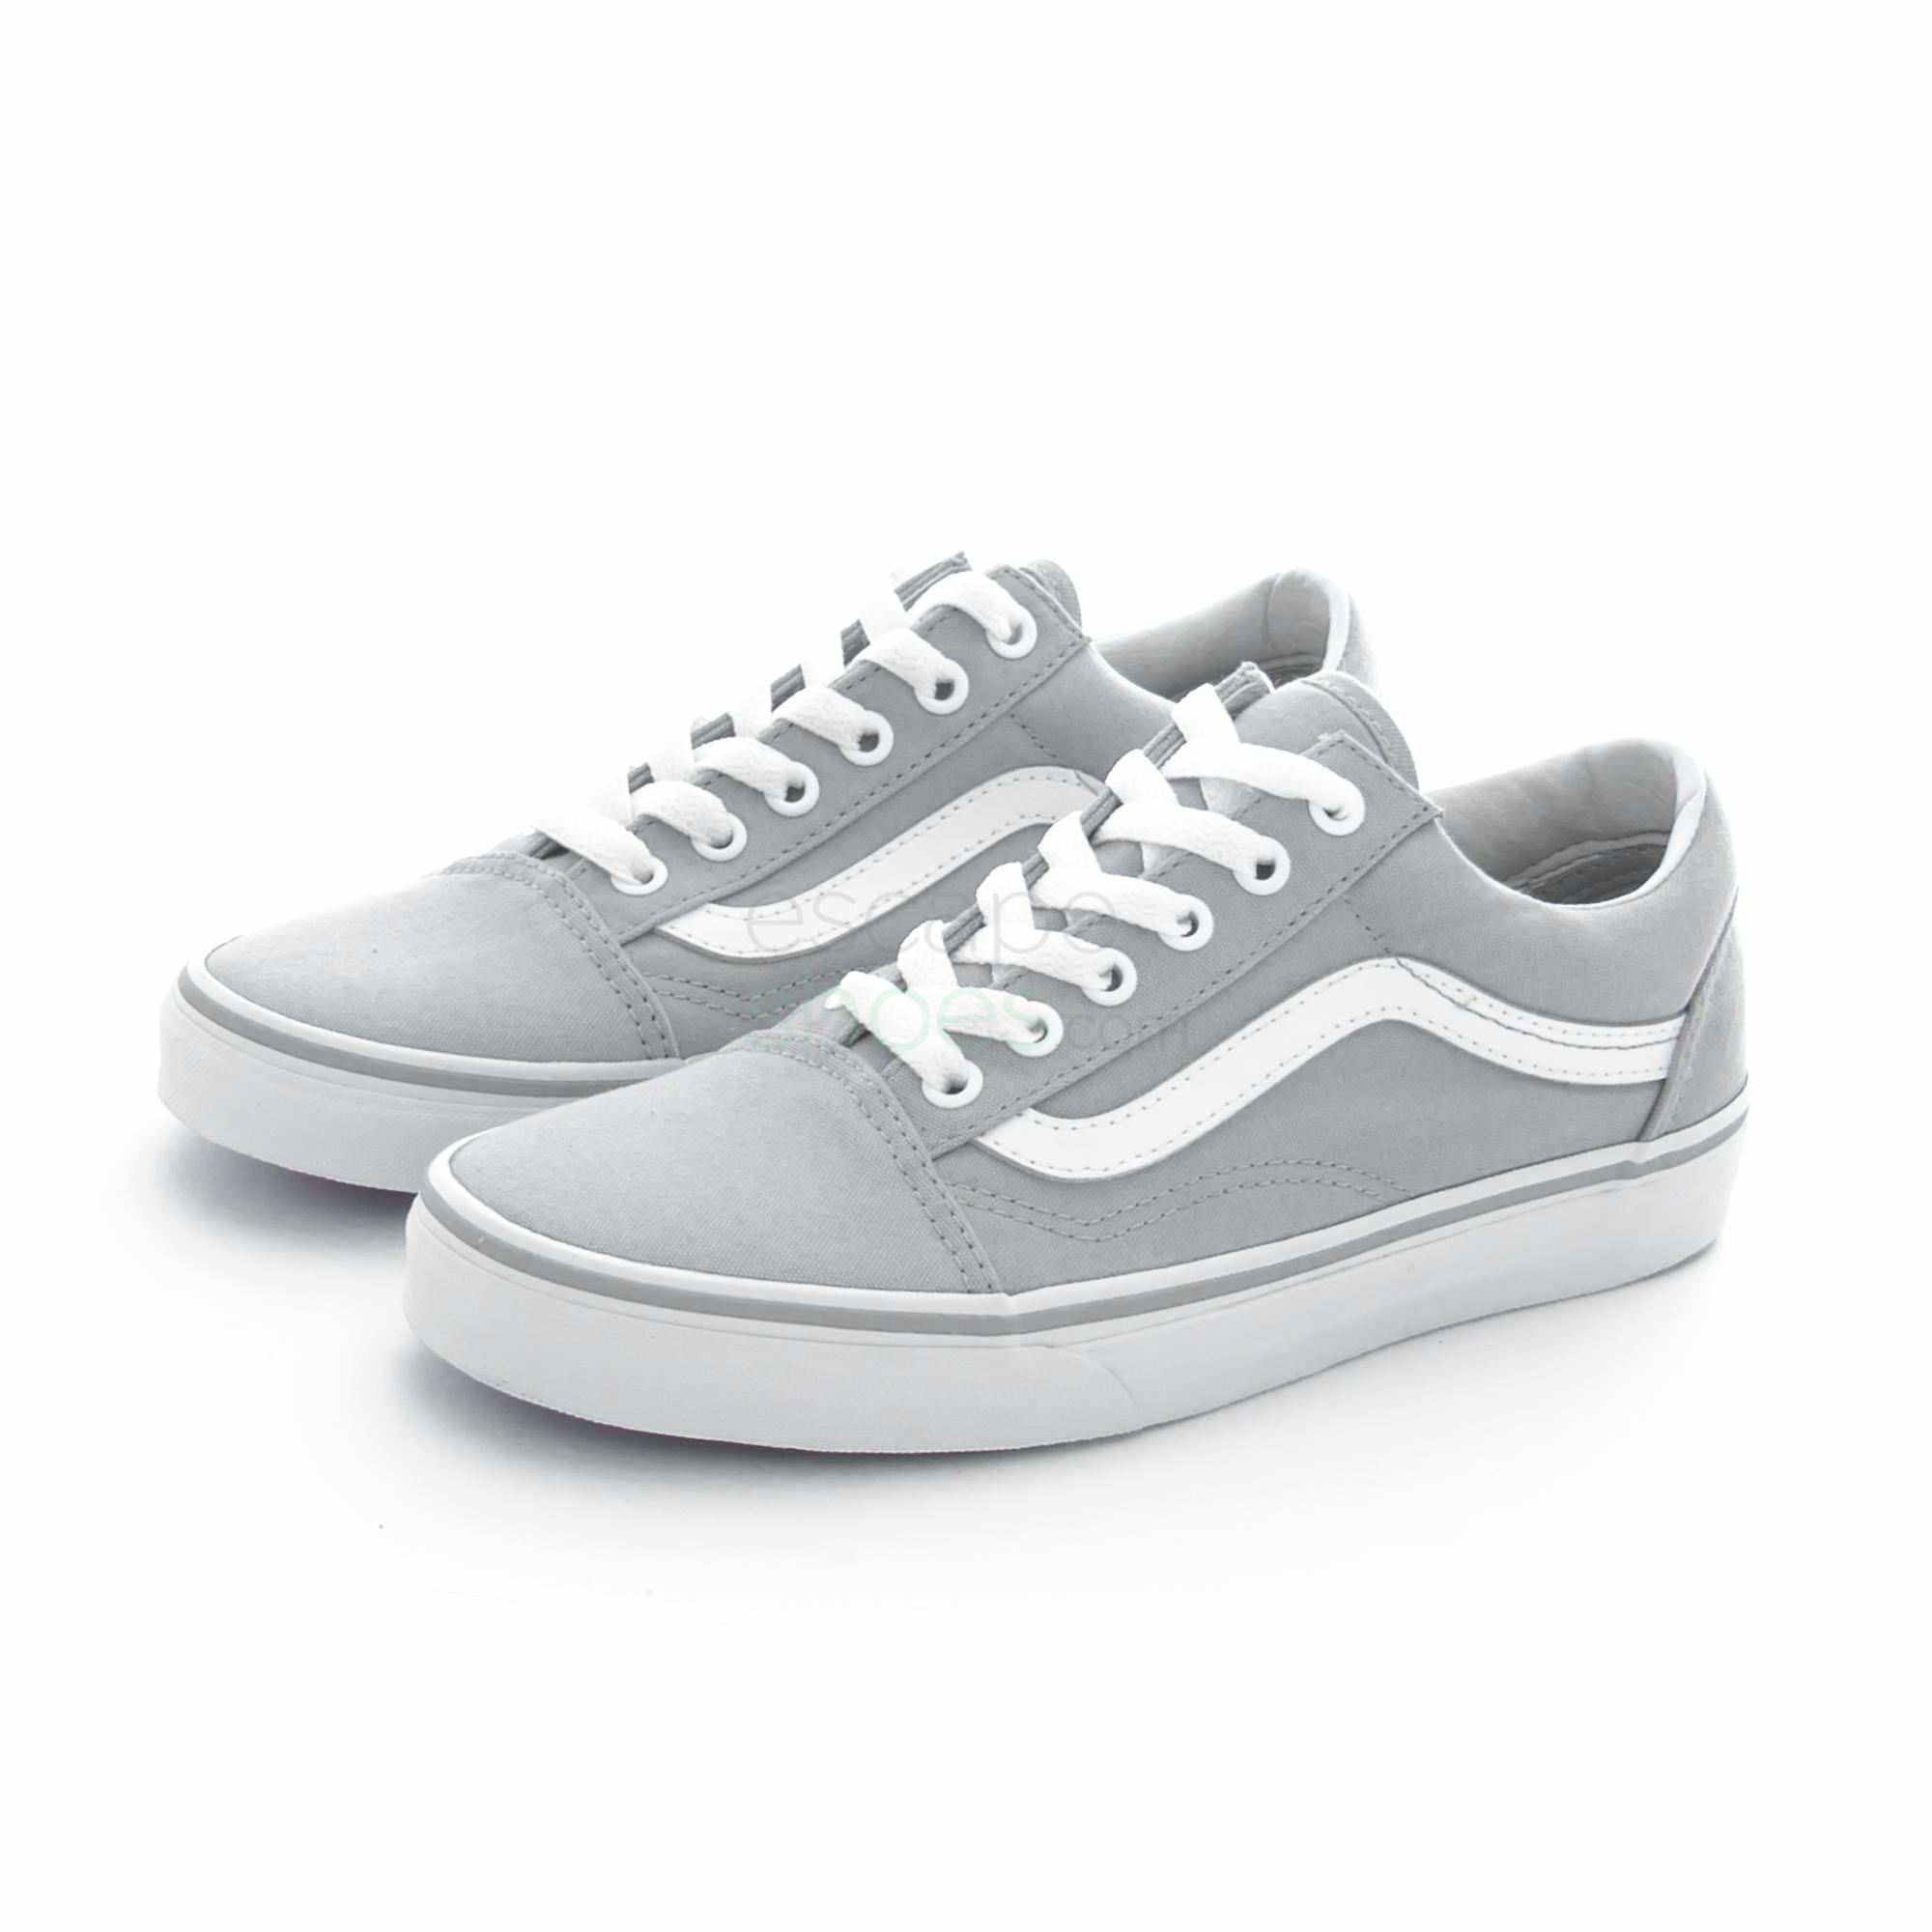 Sneakers VANS Old Skool Drizzle True